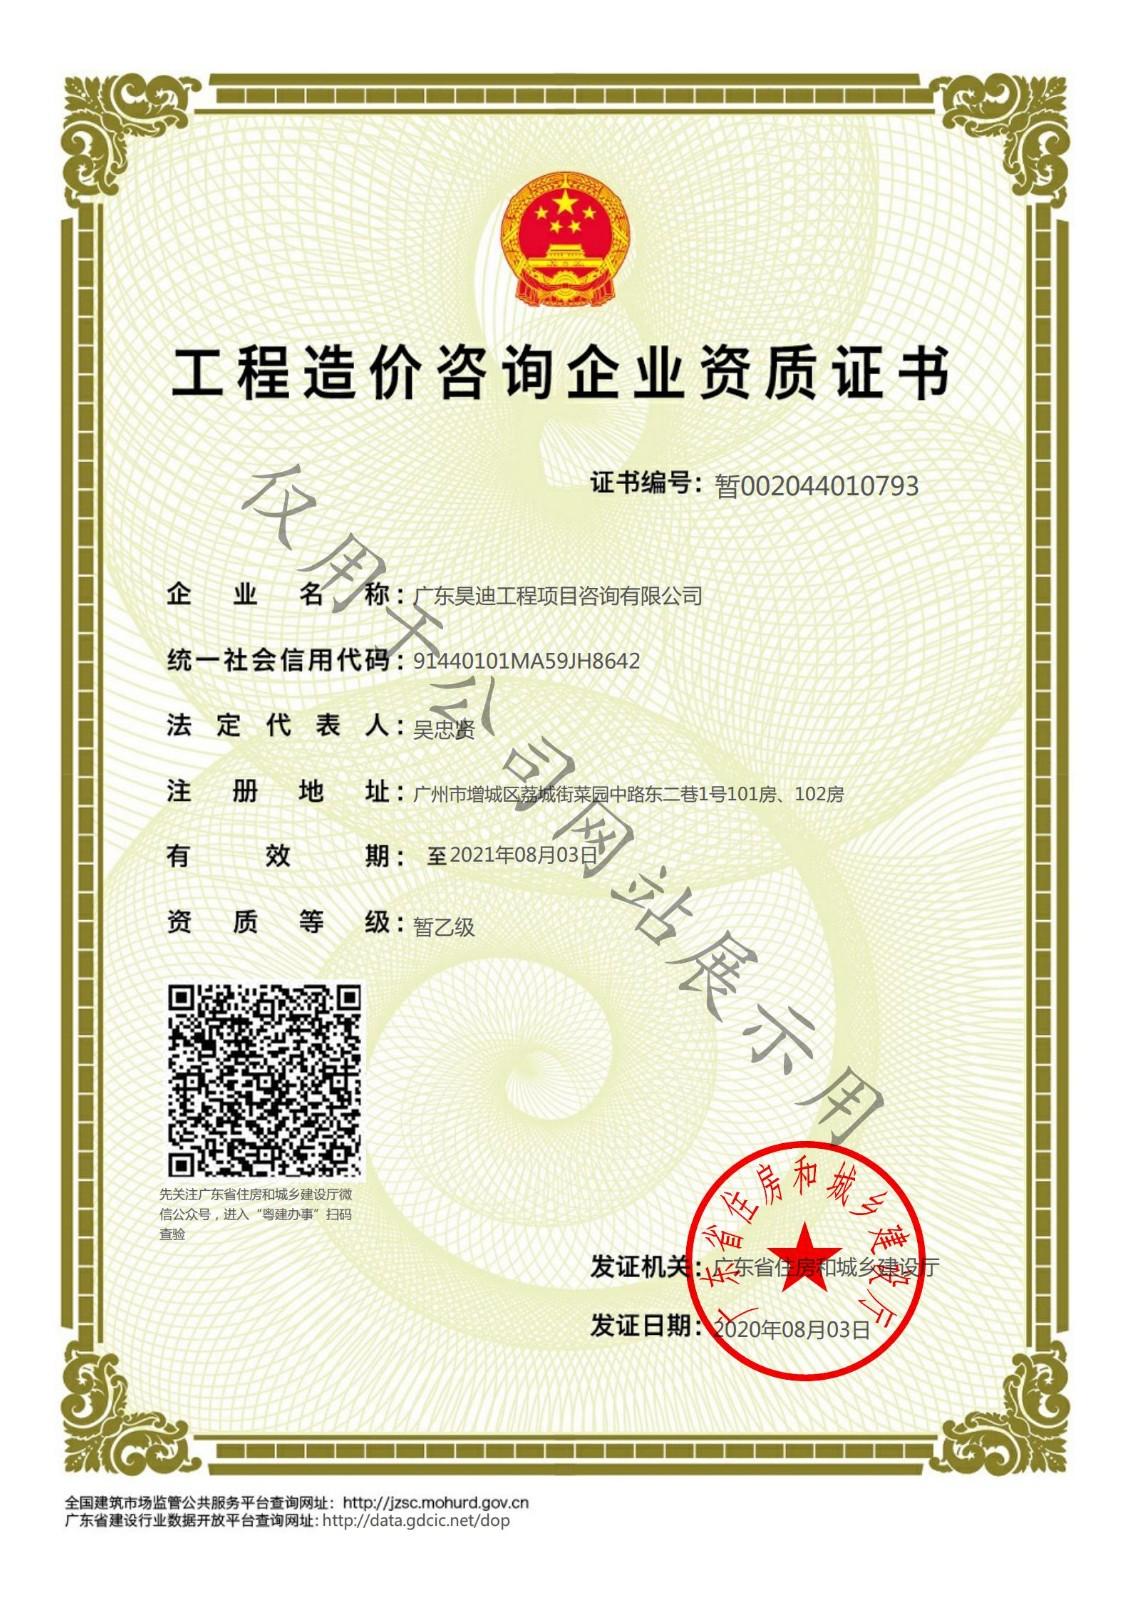 工程造价咨询企业资质证书-副本_00.jpg